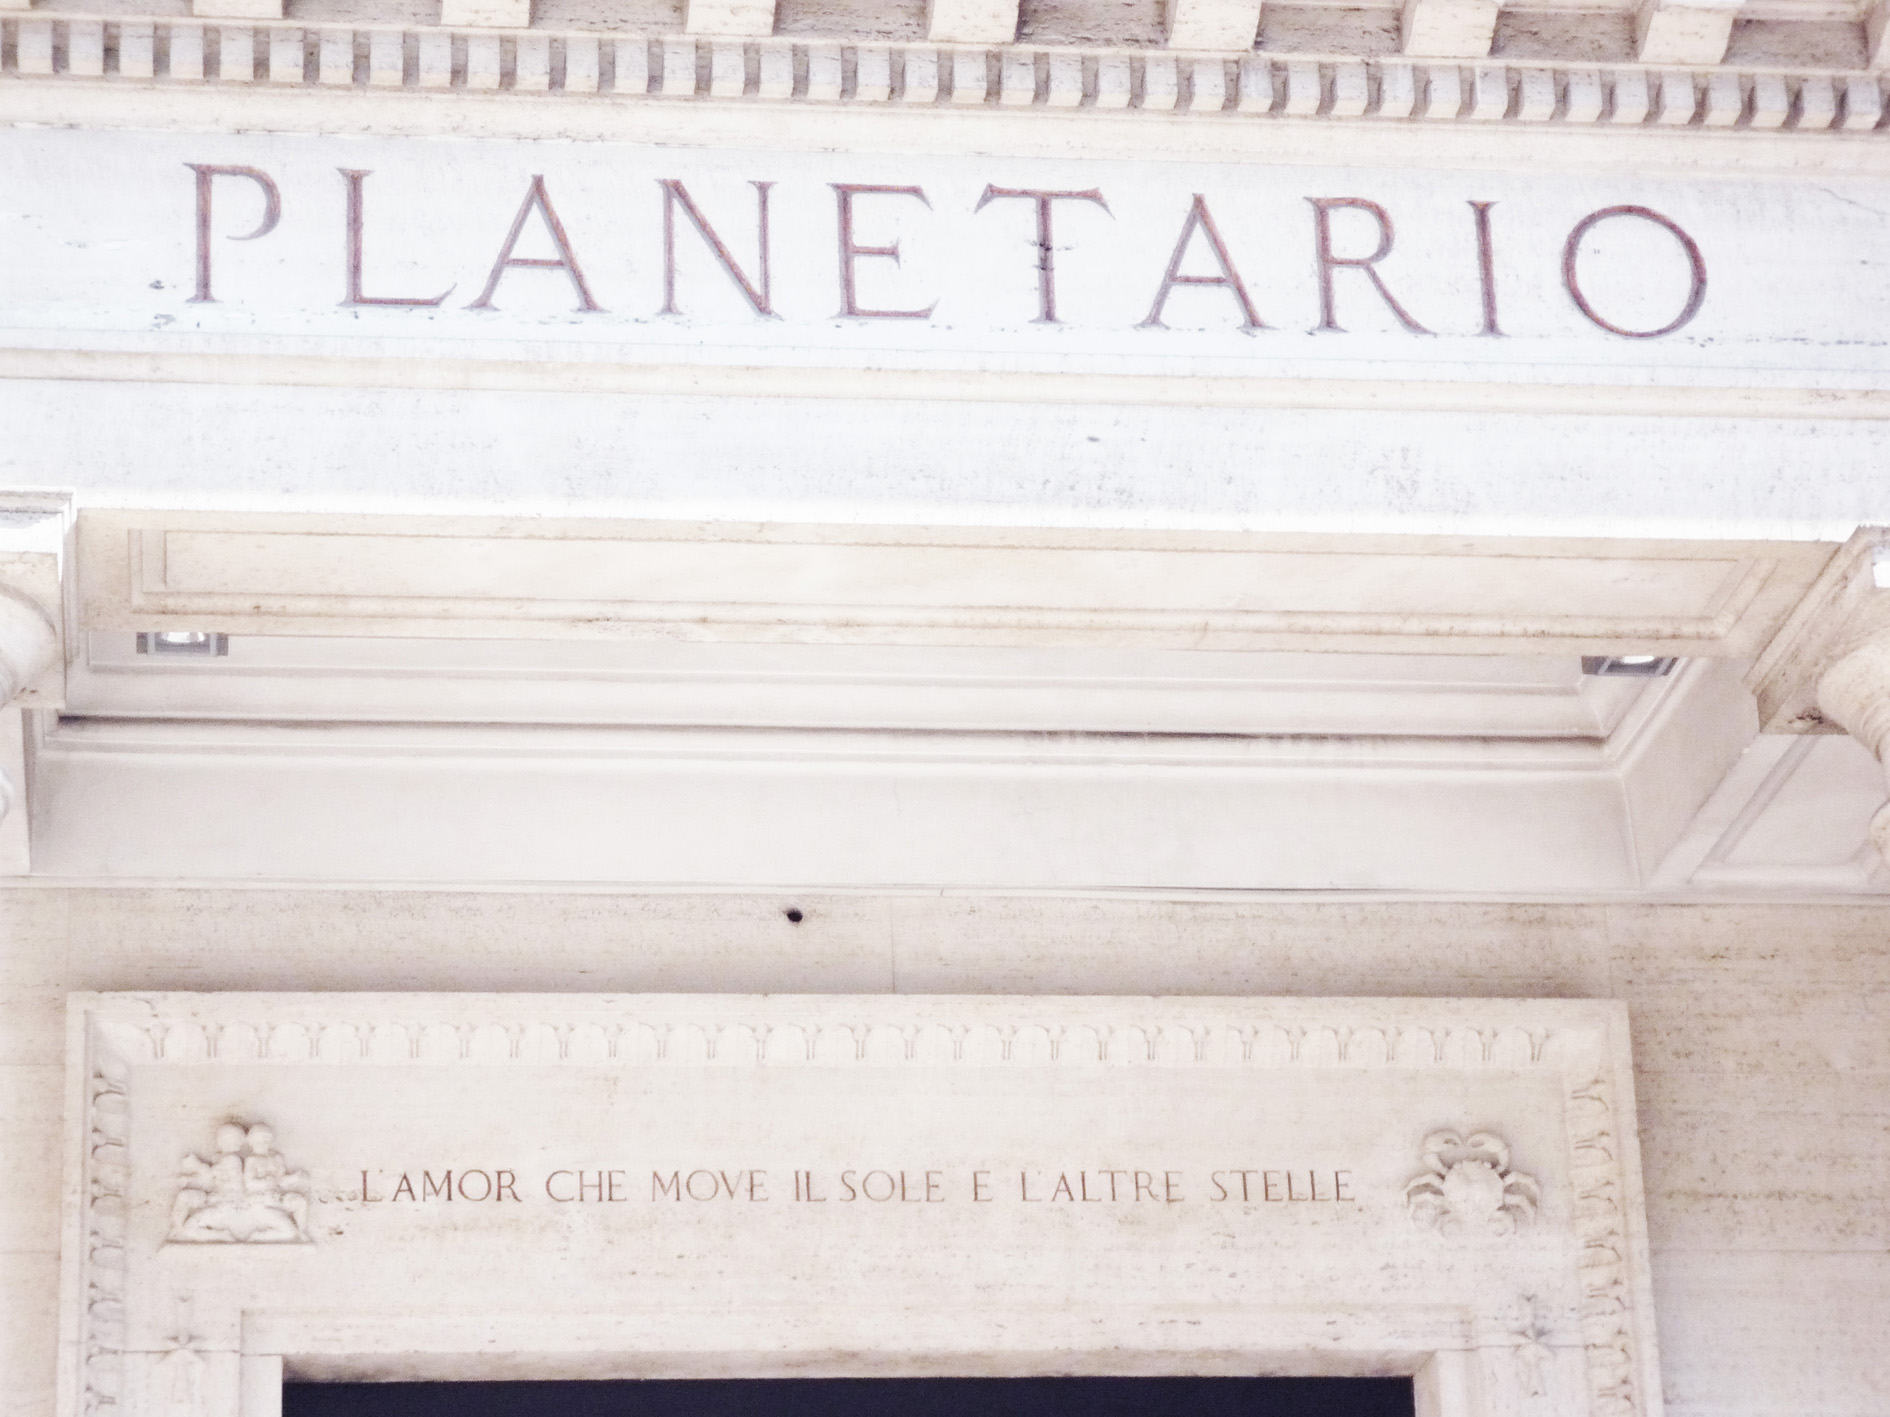 planetariob